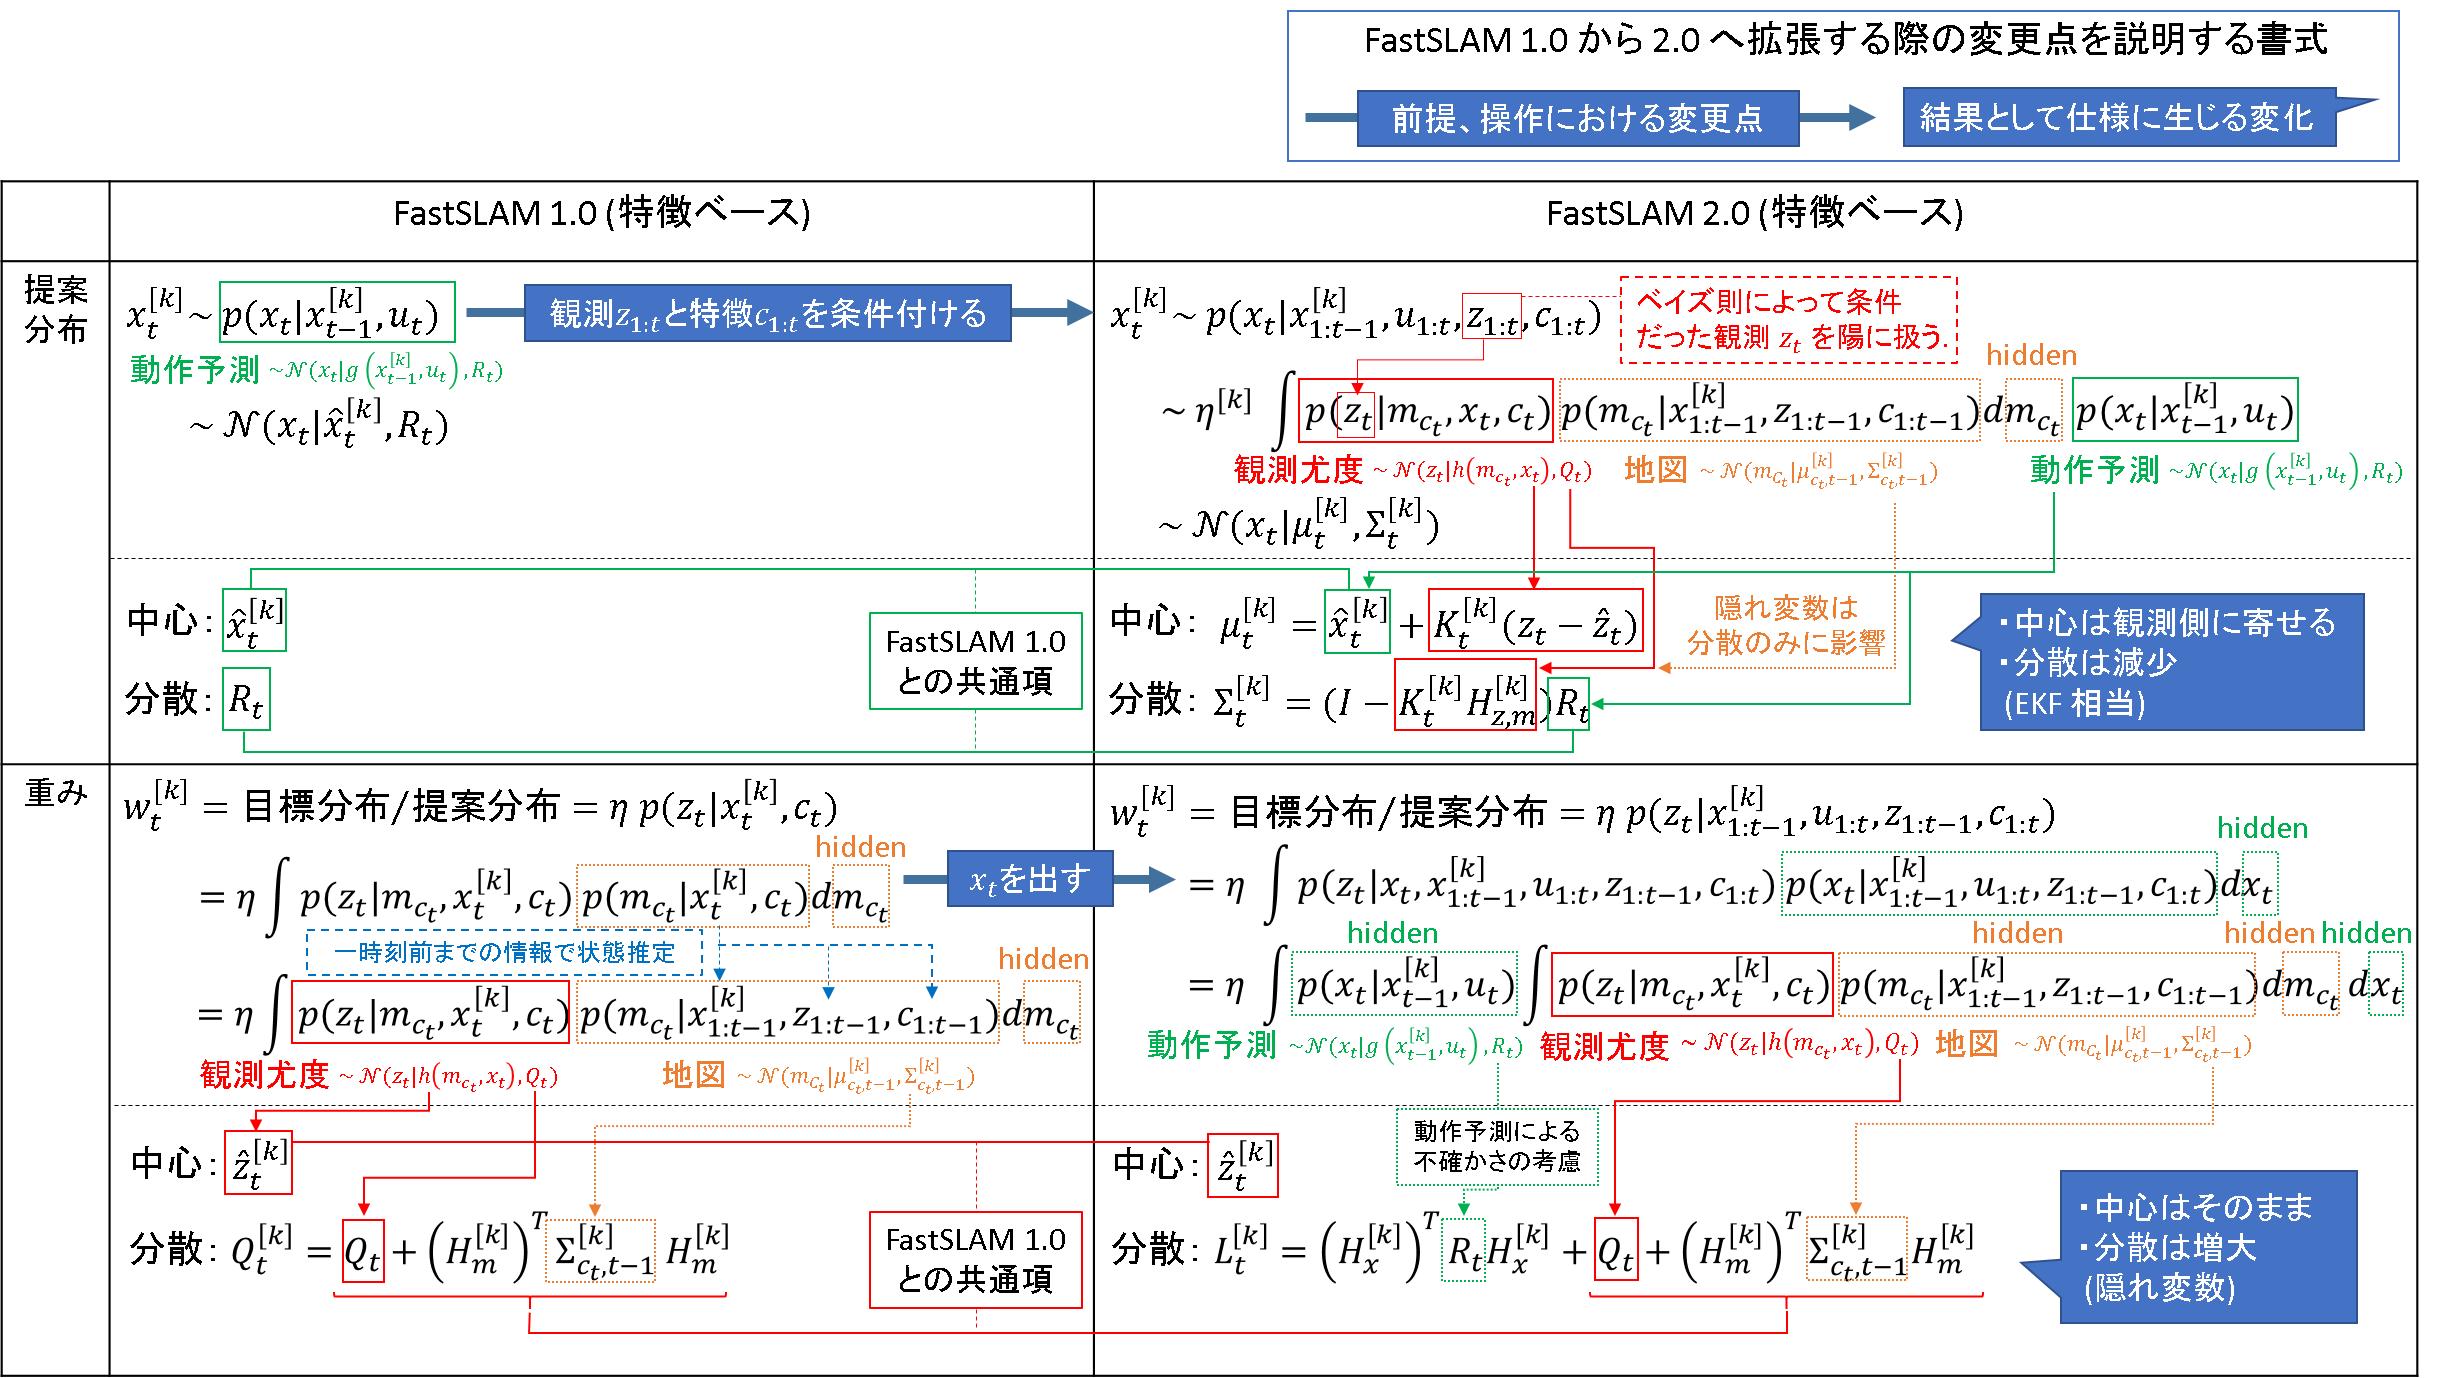 83_FastSLAM2.0_特徴ベース_数式.png